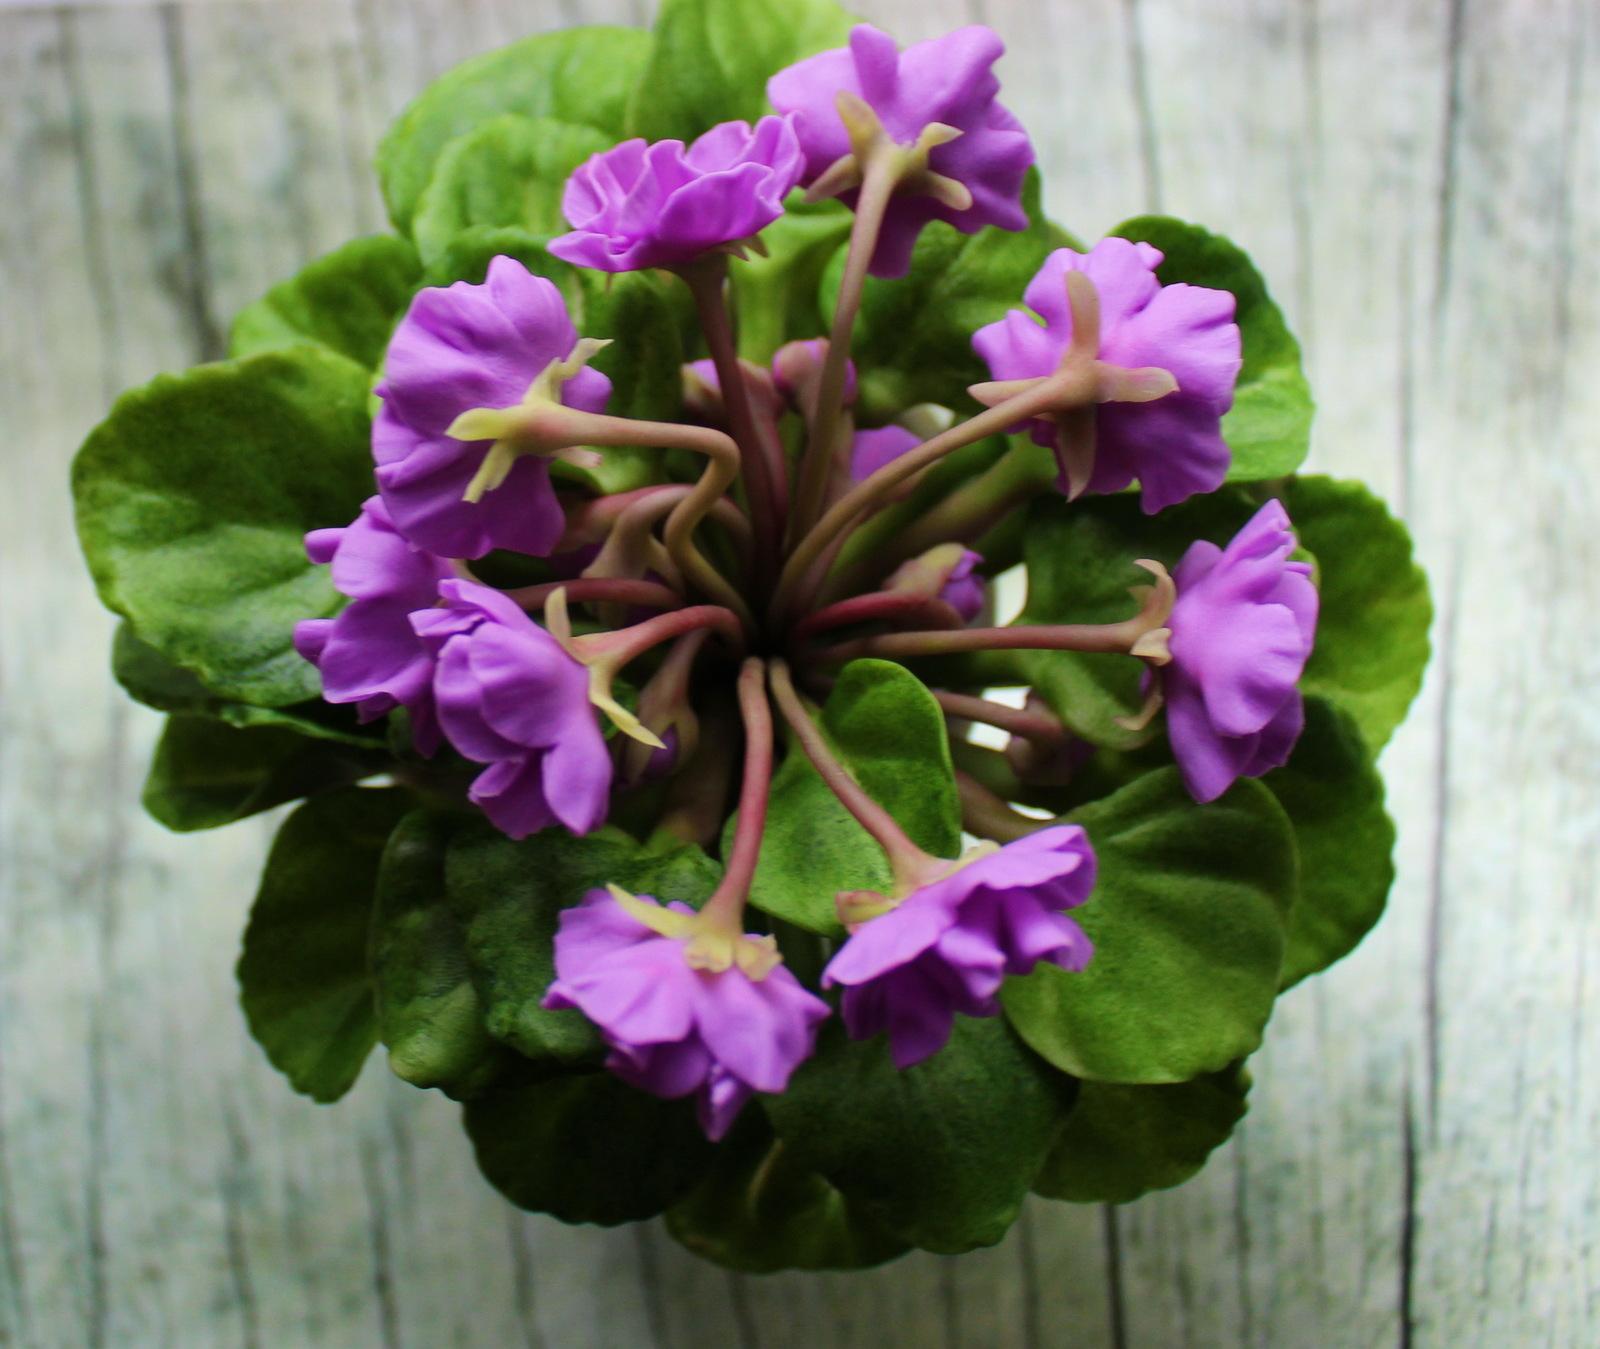 Название и фото цветов фиалок